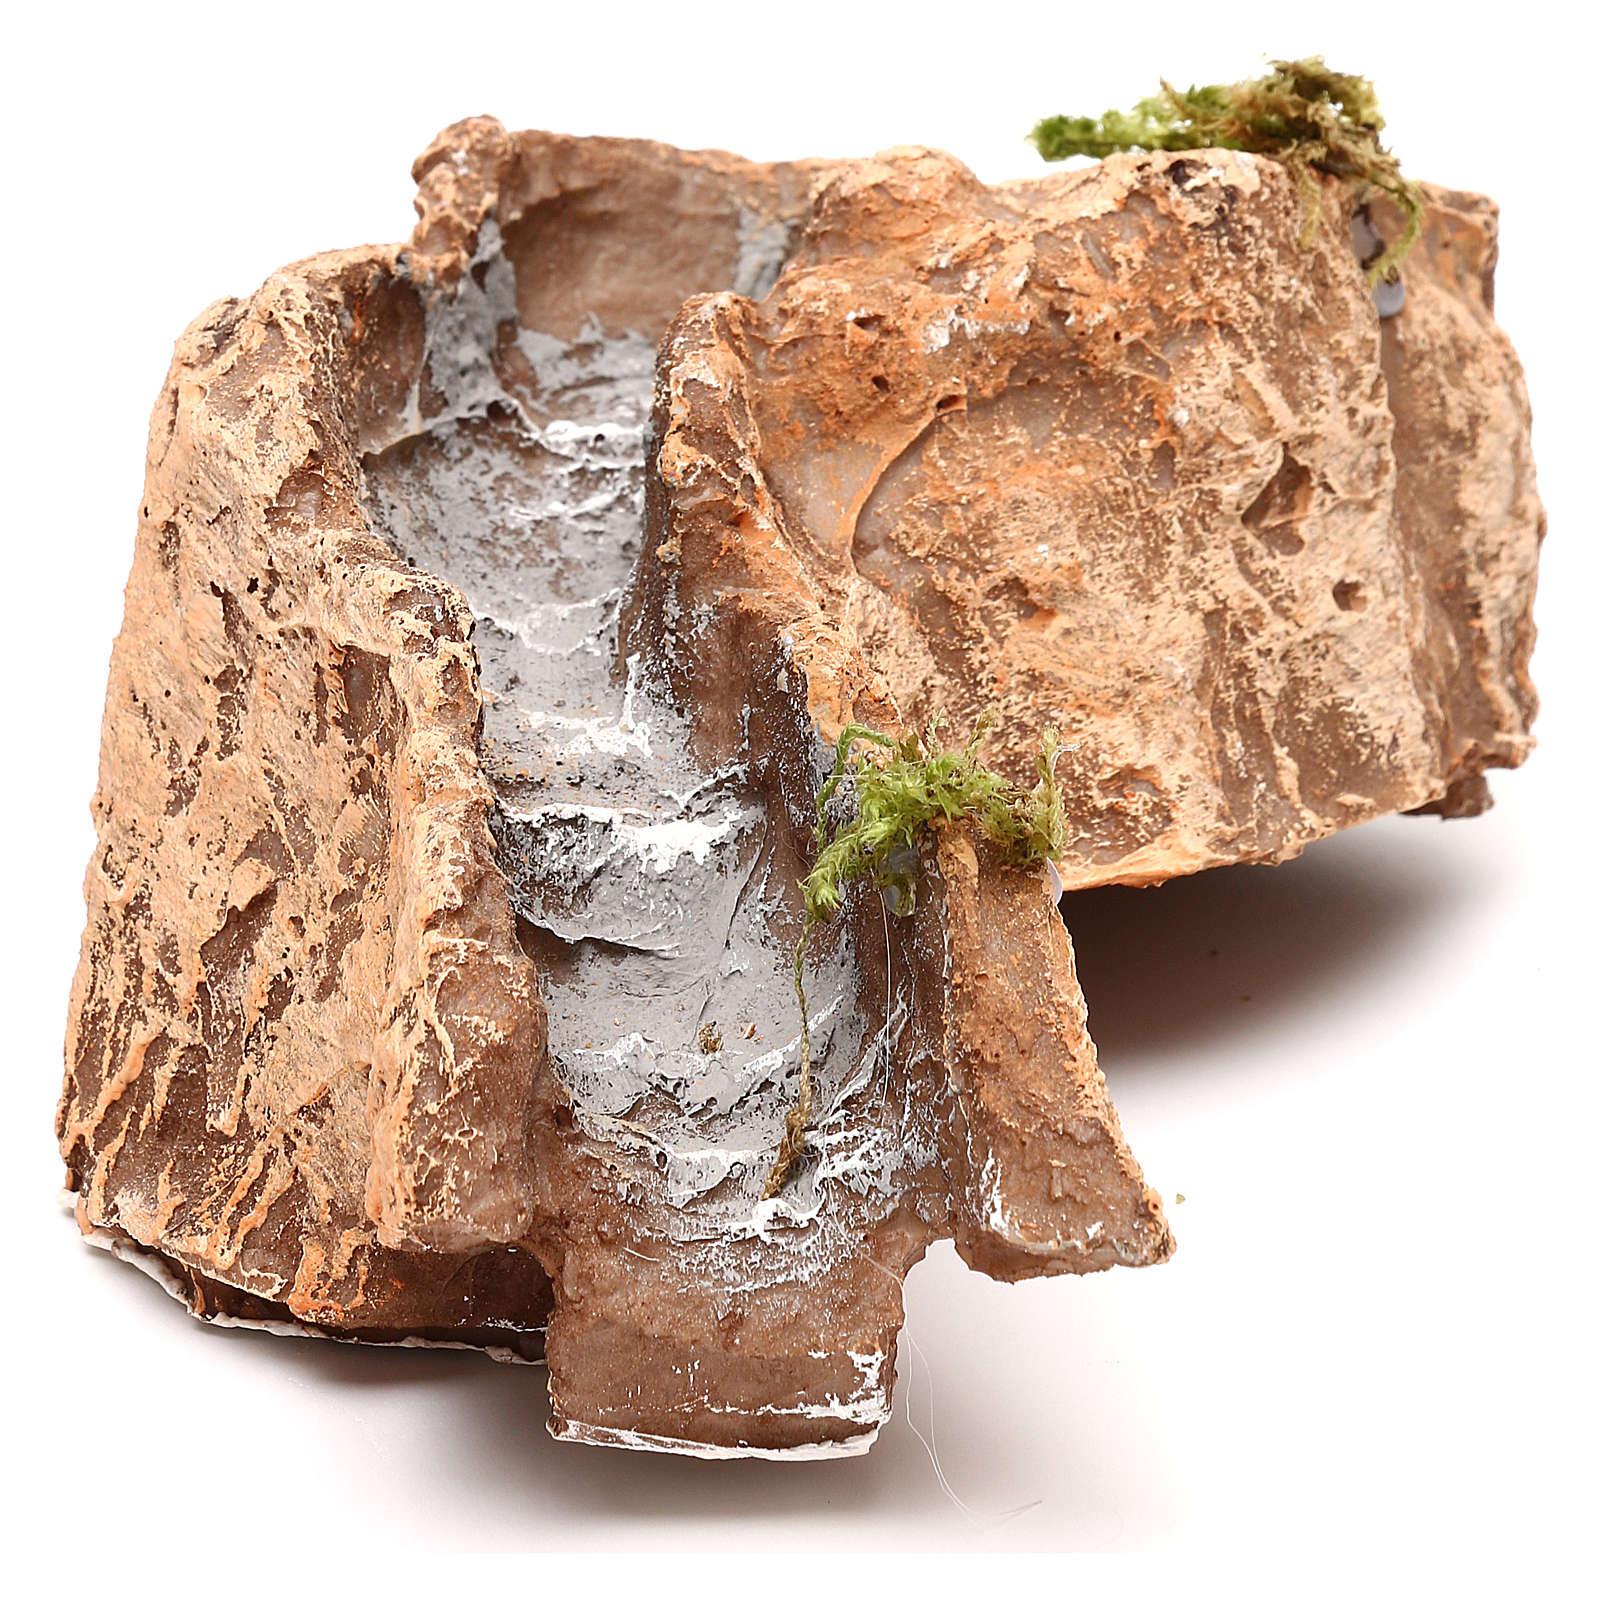 Ruscello resina componibile curva sinistra 5x15x20 cm presepe Napoli 4-6-8 cm 4